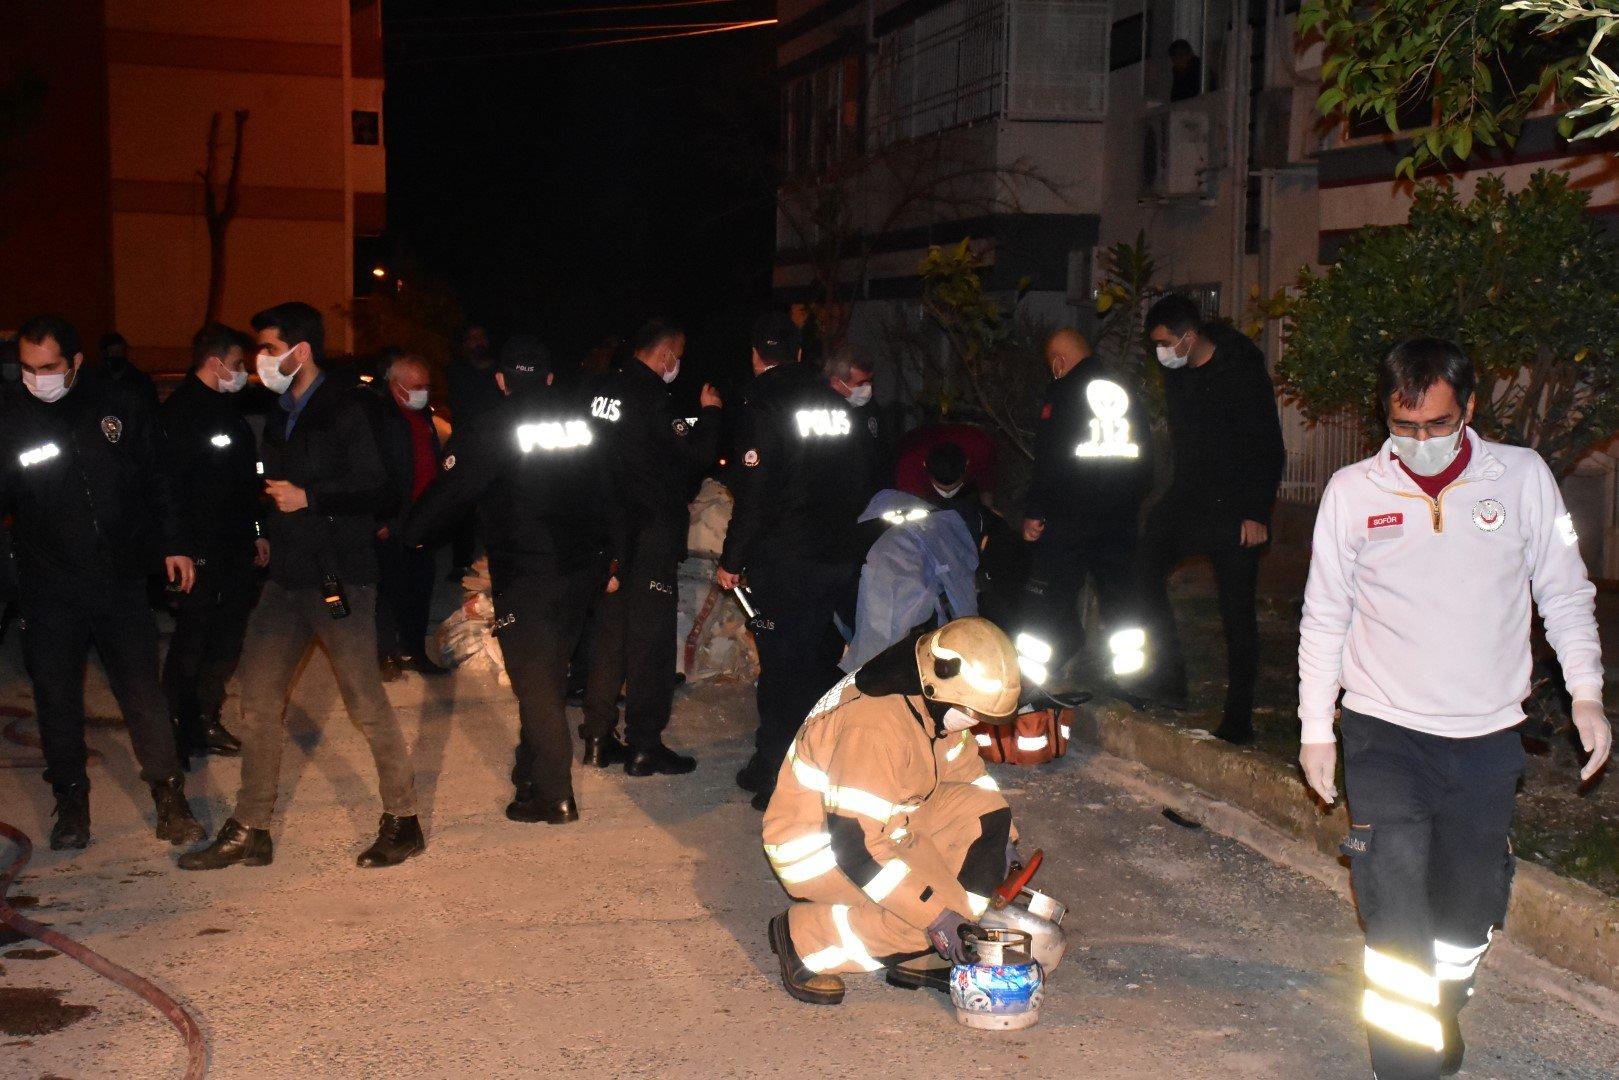 İzmir'de hem bir intiharın hem de muhtemel bir kadın cinayetinin önüne geçildi